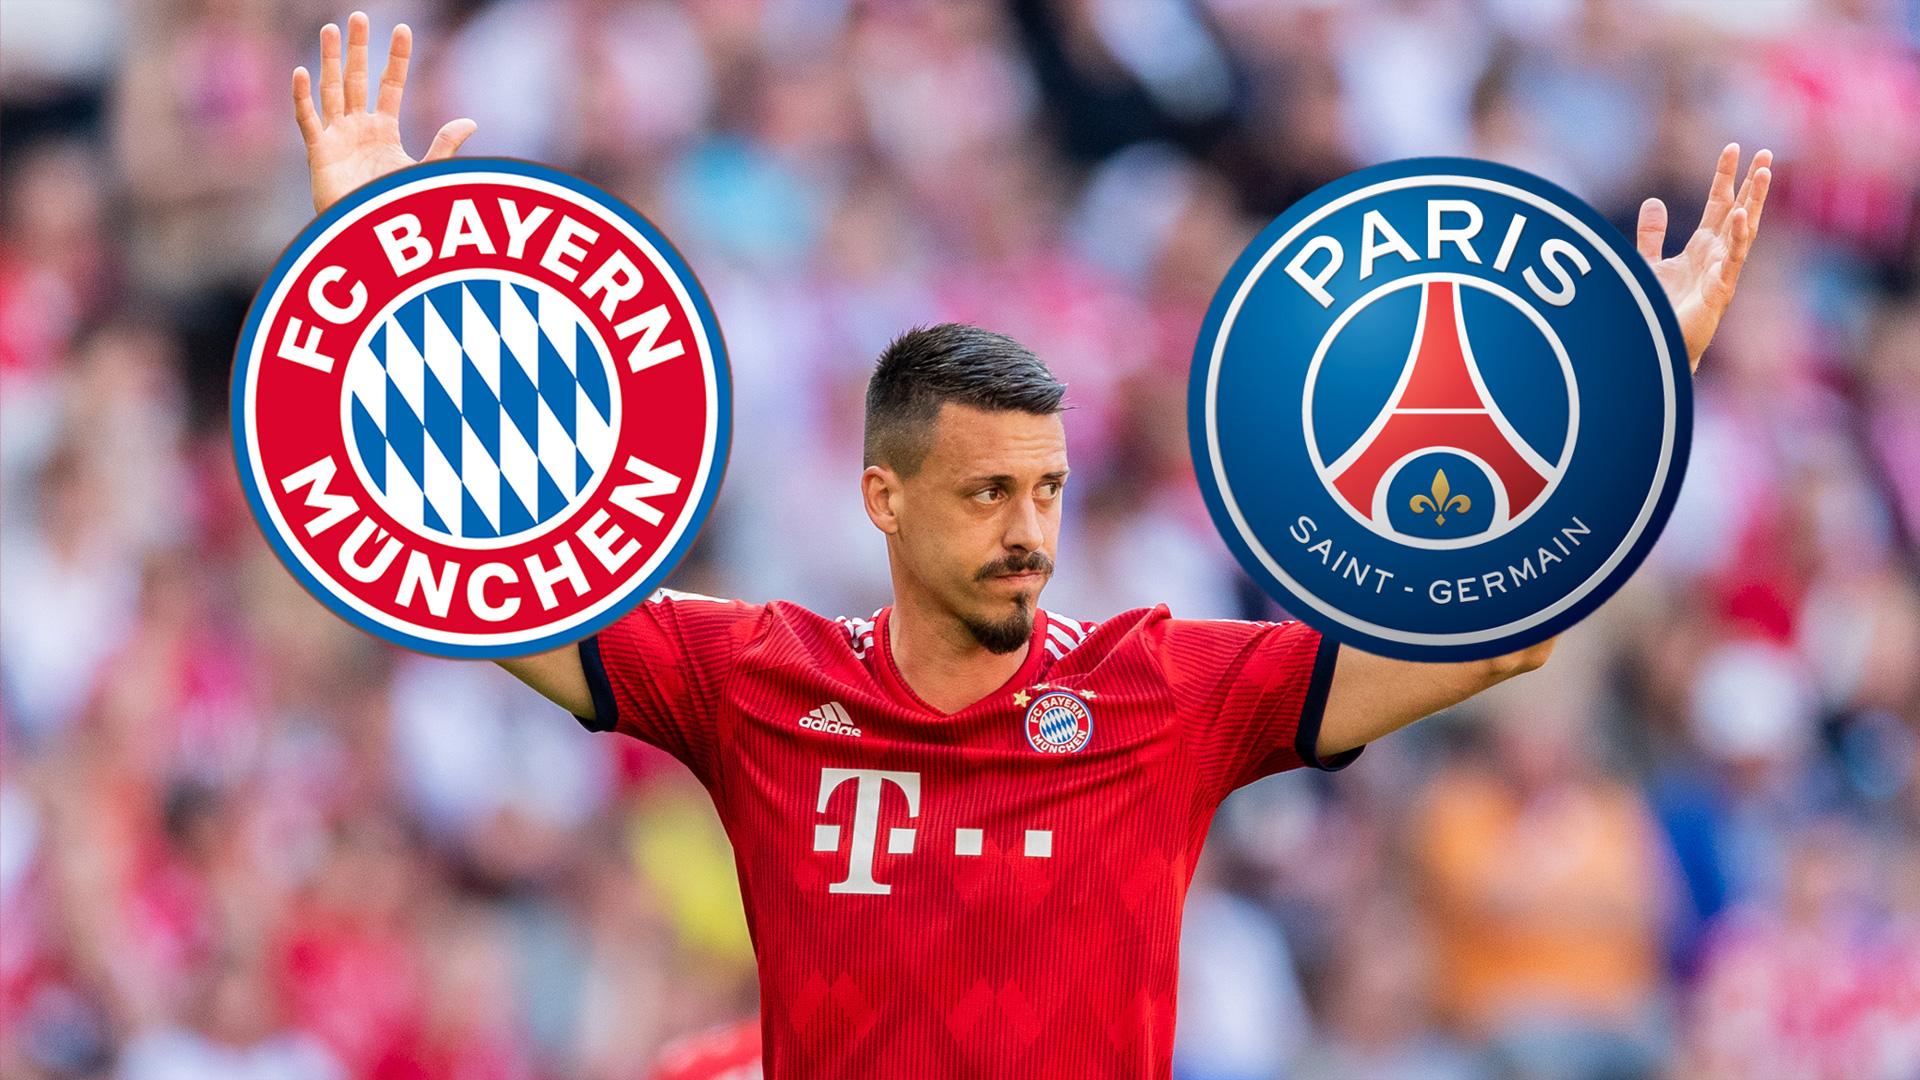 Weltmeister für die Bayern: Pavard hat offenbar in München unterschrieben